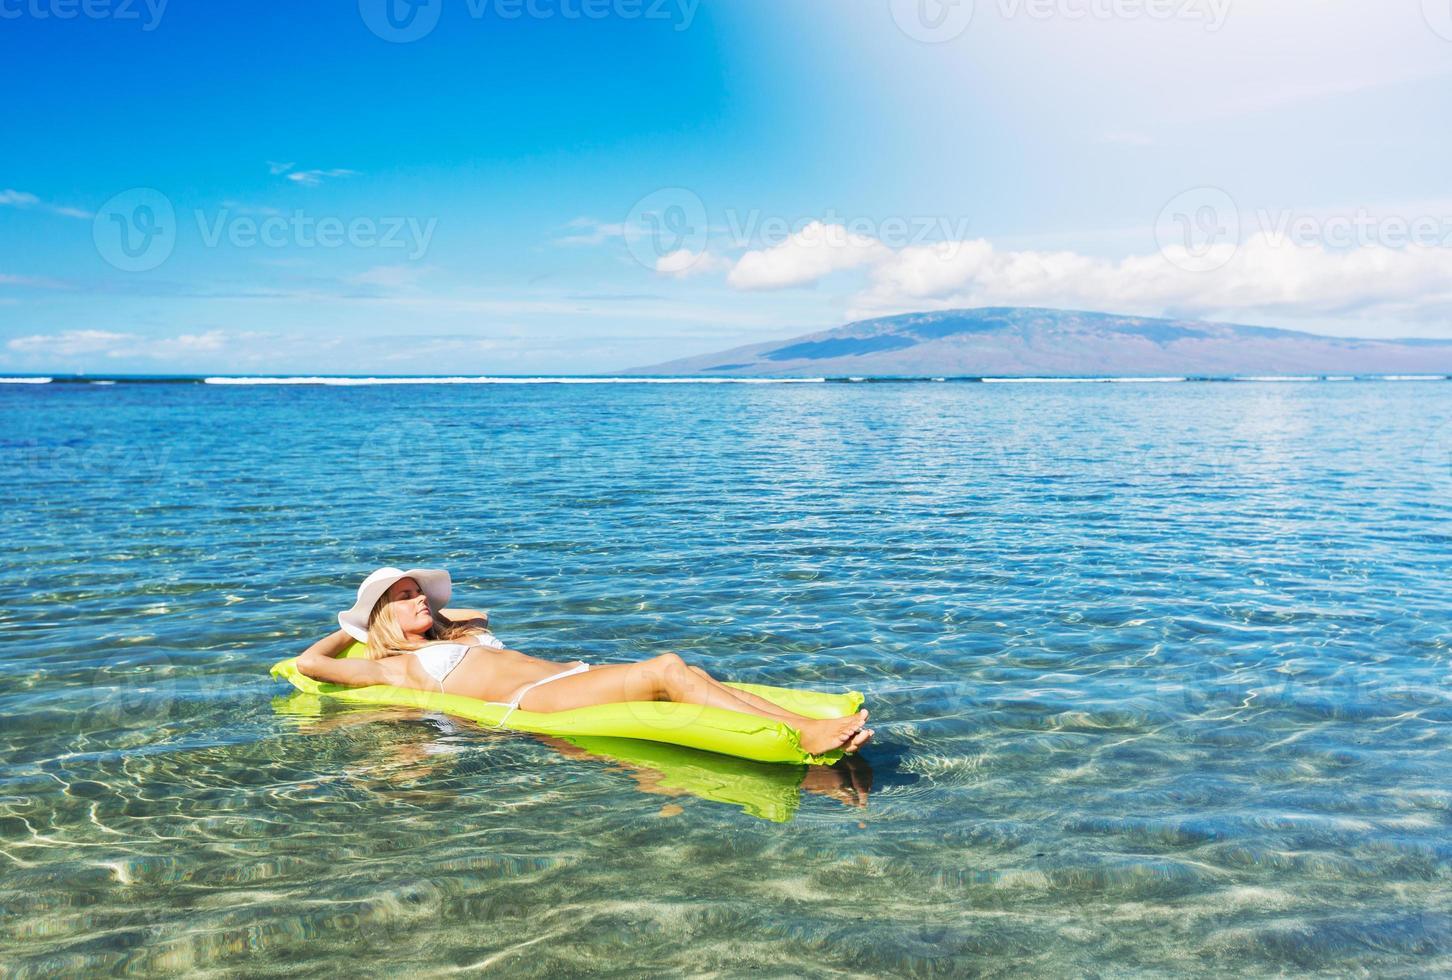 vrouw ontspannen en drijvend in de oceaan foto